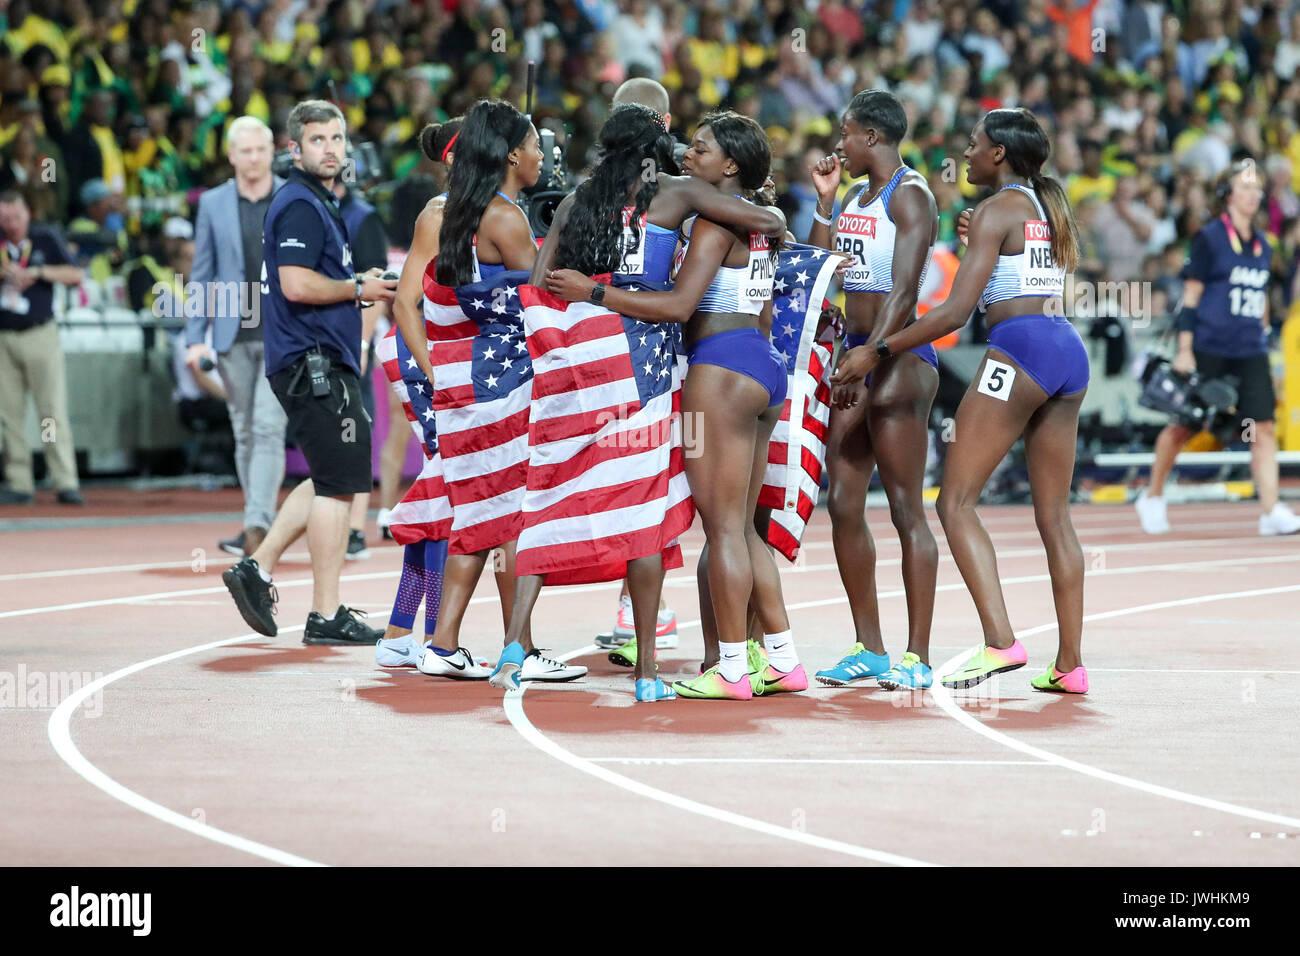 Team USA und BG feiern ihren Sieg in der 4x100 m Staffel der Frauen am Tag neun der IAAF London 2017 Weltmeisterschaften am London Stadion. © Paul Davey. Stockbild